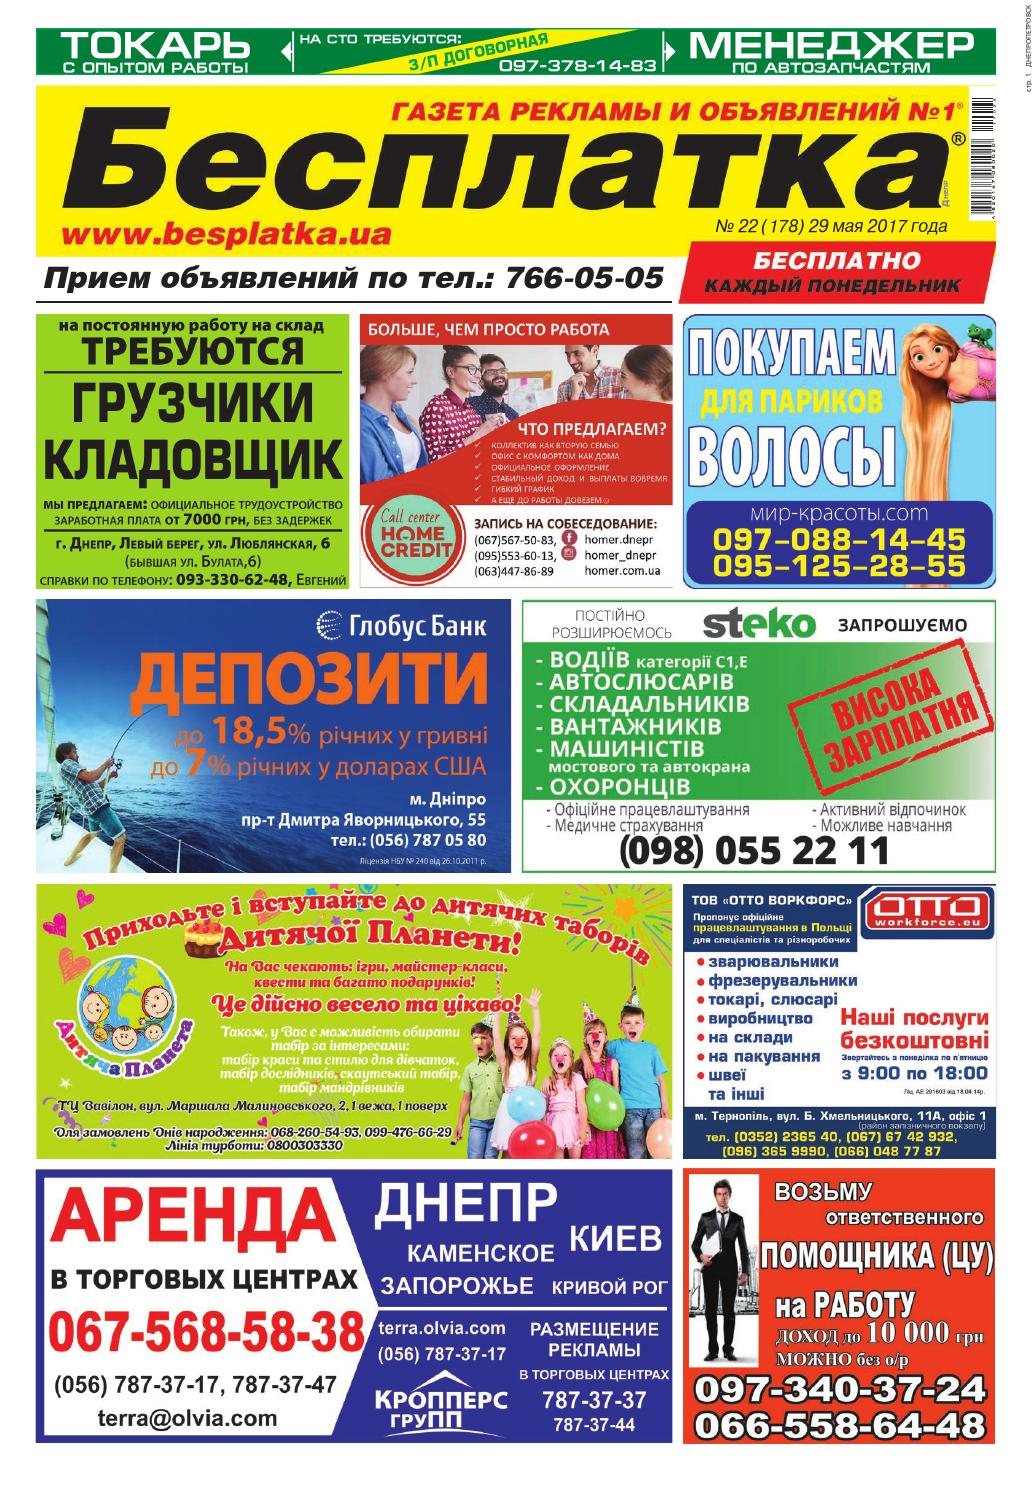 предприятие эникс новомосковск руководитель натяжка телефон